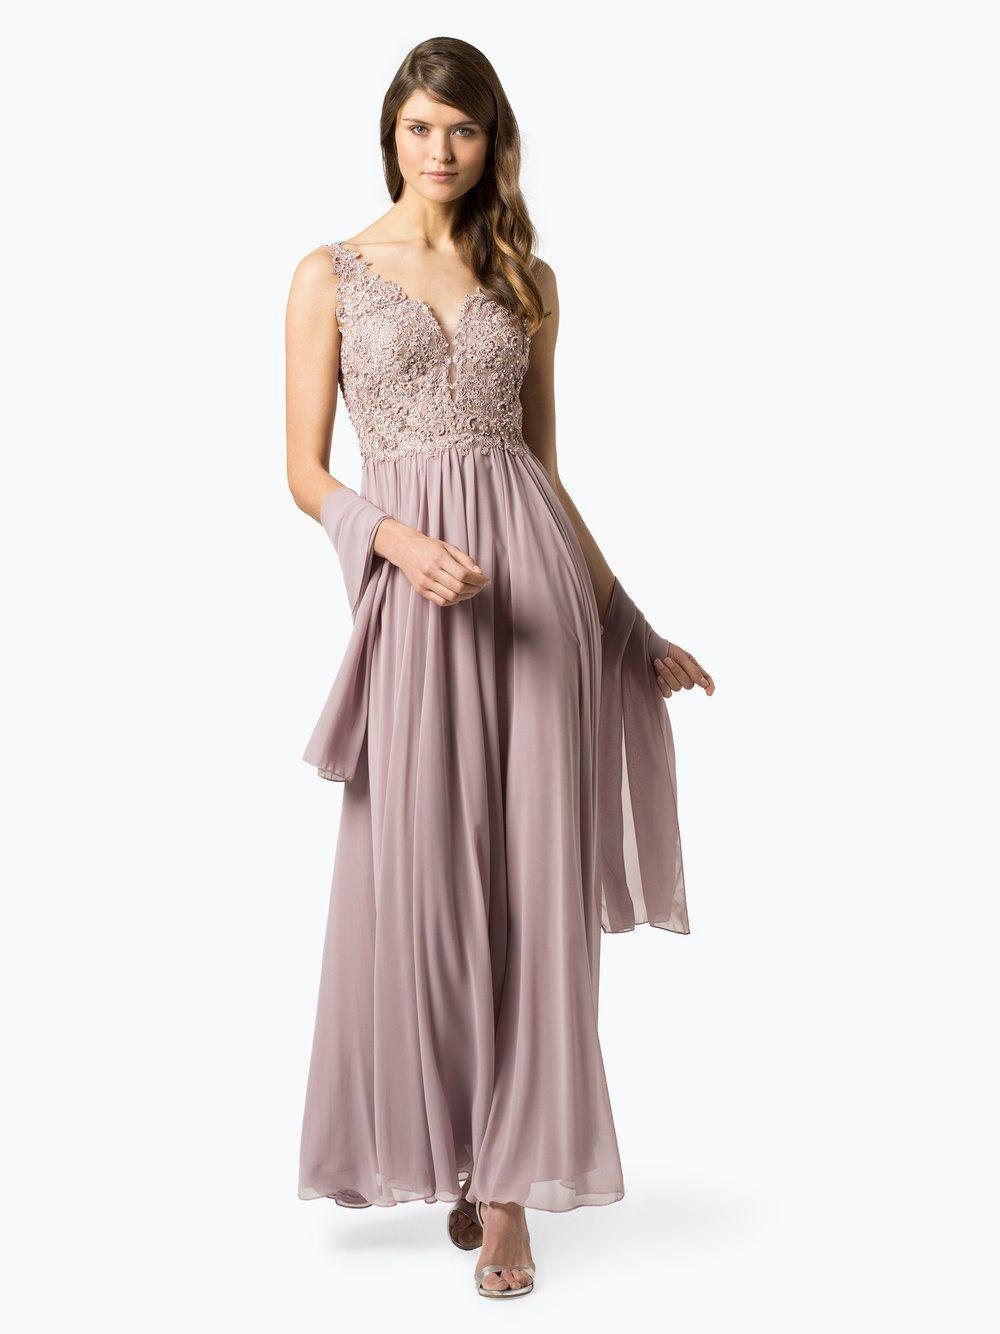 Abend Wunderbar Stola Abendkleid für 201915 Perfekt Stola Abendkleid für 2019